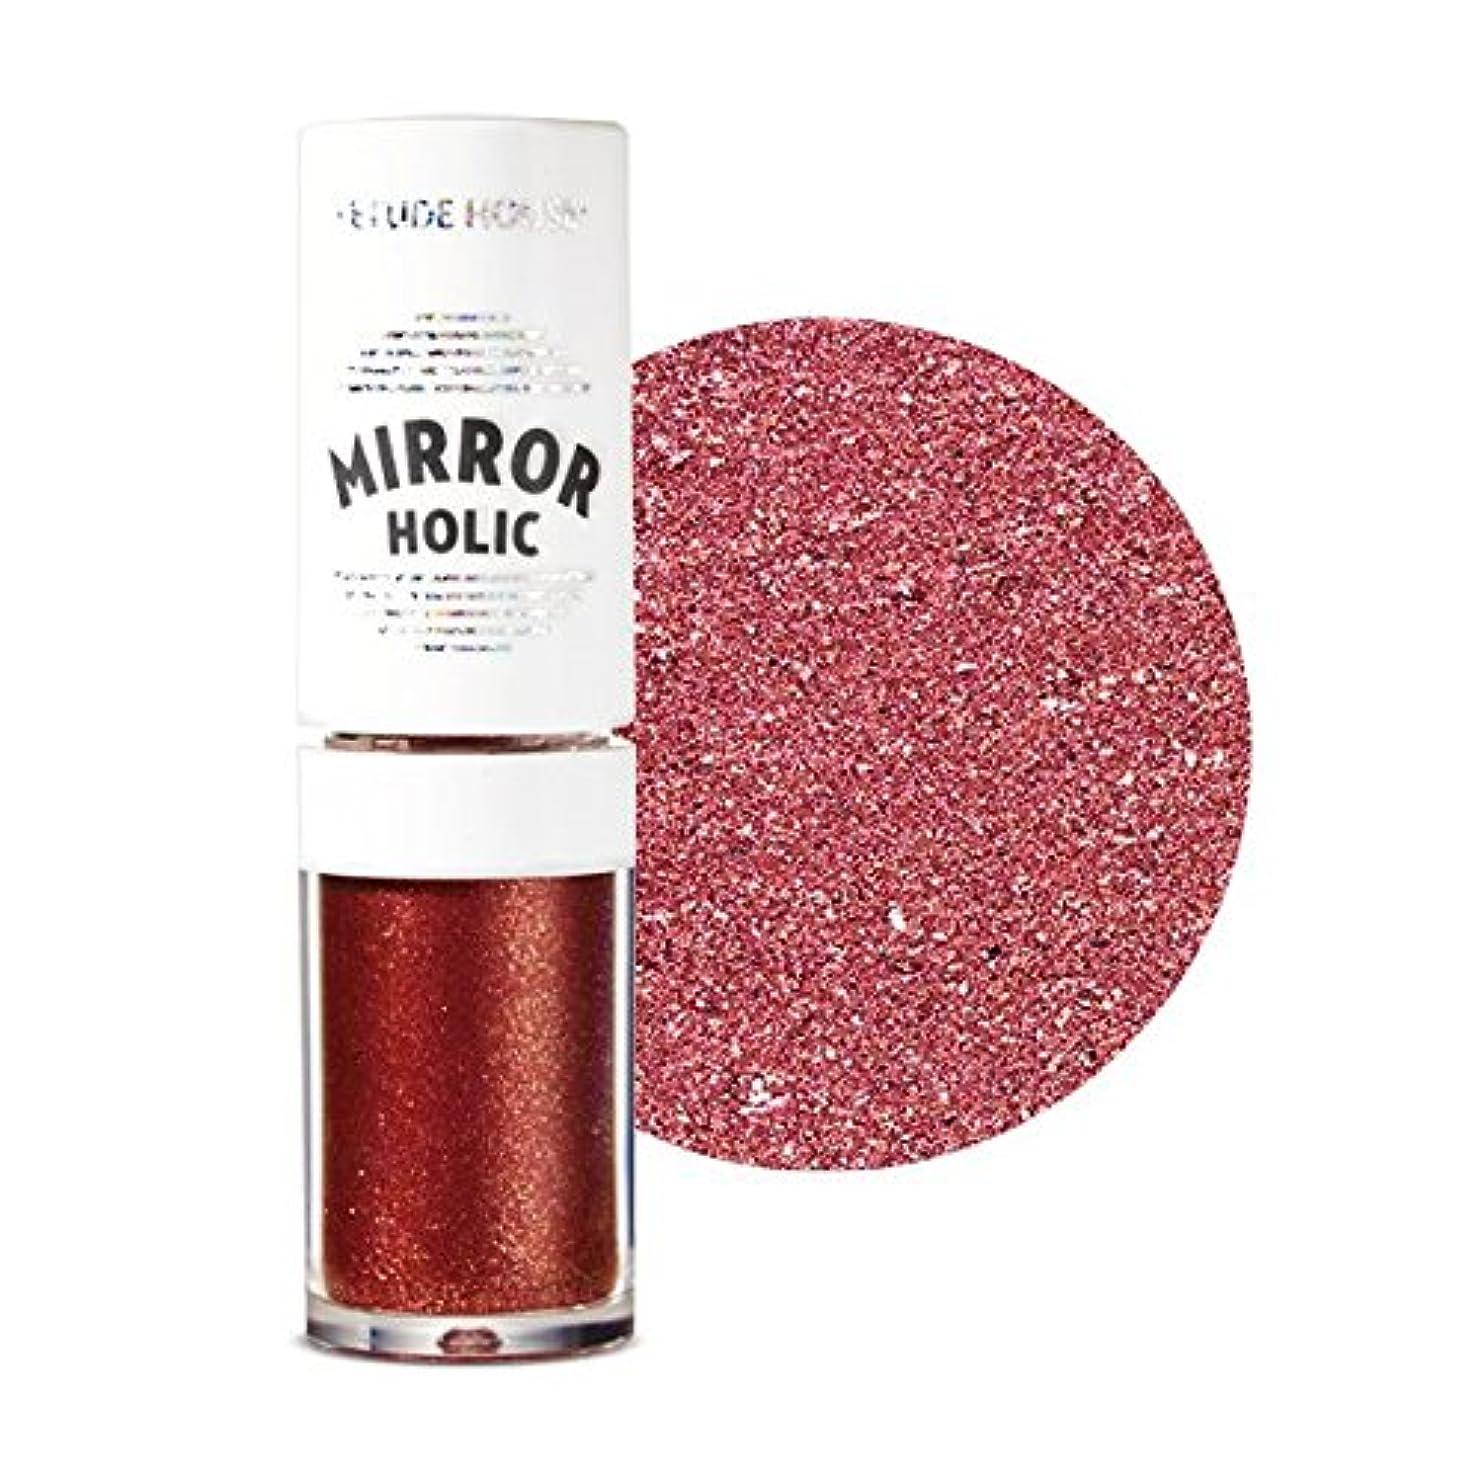 放出迷信マーティフィールディングETUDE HOUSE Mirror Holic Liquid Eyes / エチュードハウス ミラーホリックリキッドアイズ ミラーホリックリキッドアイズ (RD301) [並行輸入品]